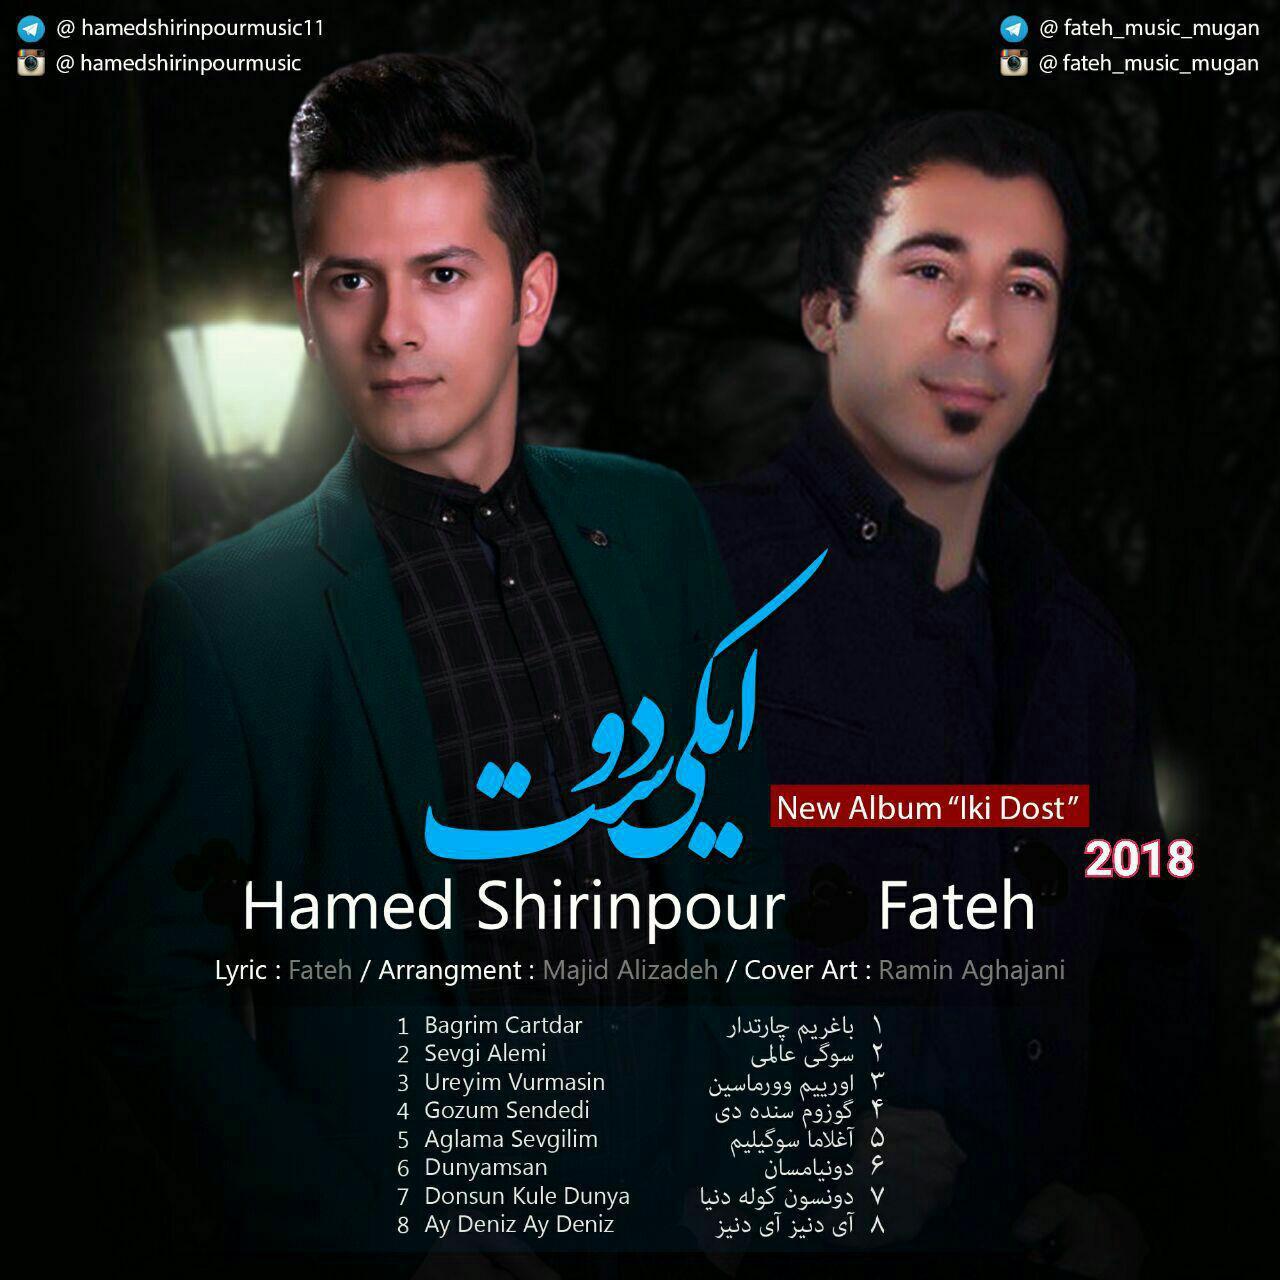 دانلود آلبوم جدید و آذربایجانی حامد شیرین پور و فاتح به نام ایکی دوست